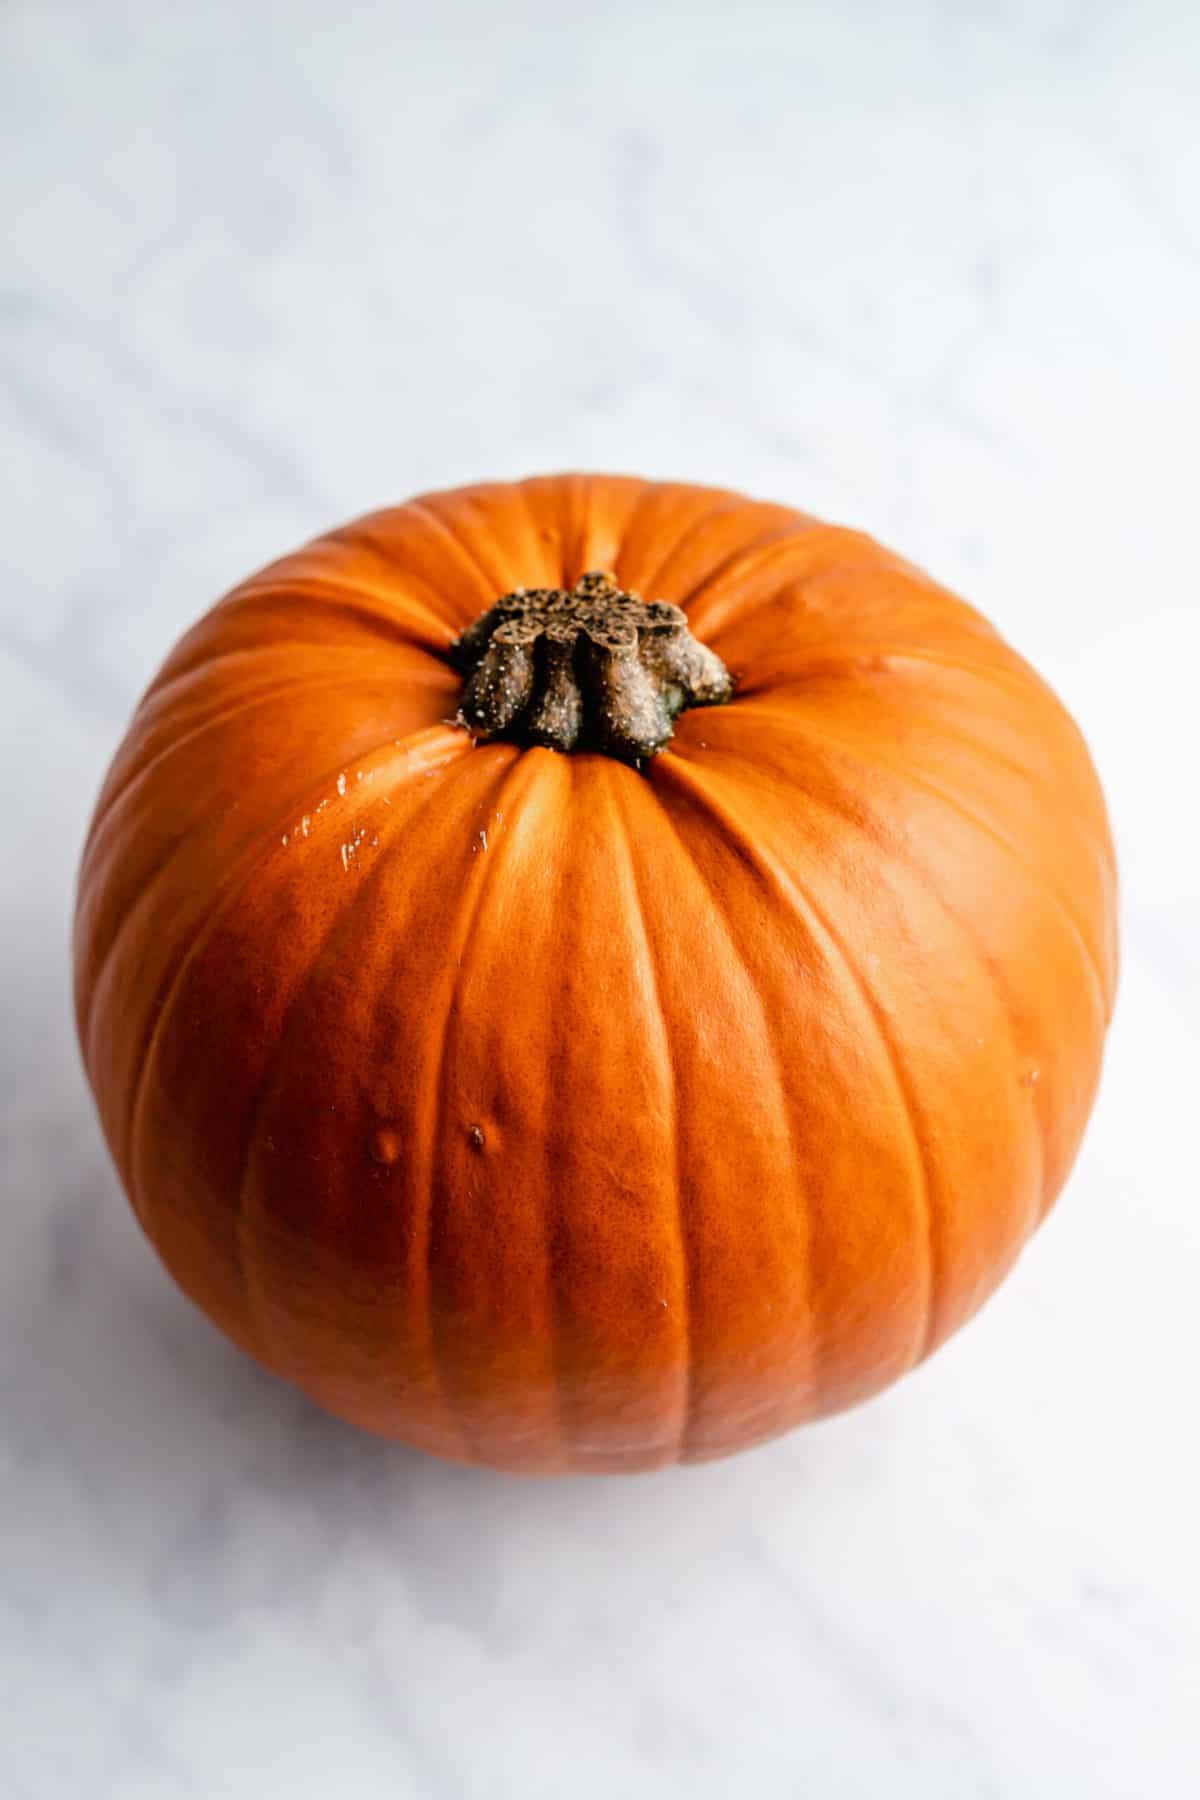 a whole sugar pumpkin